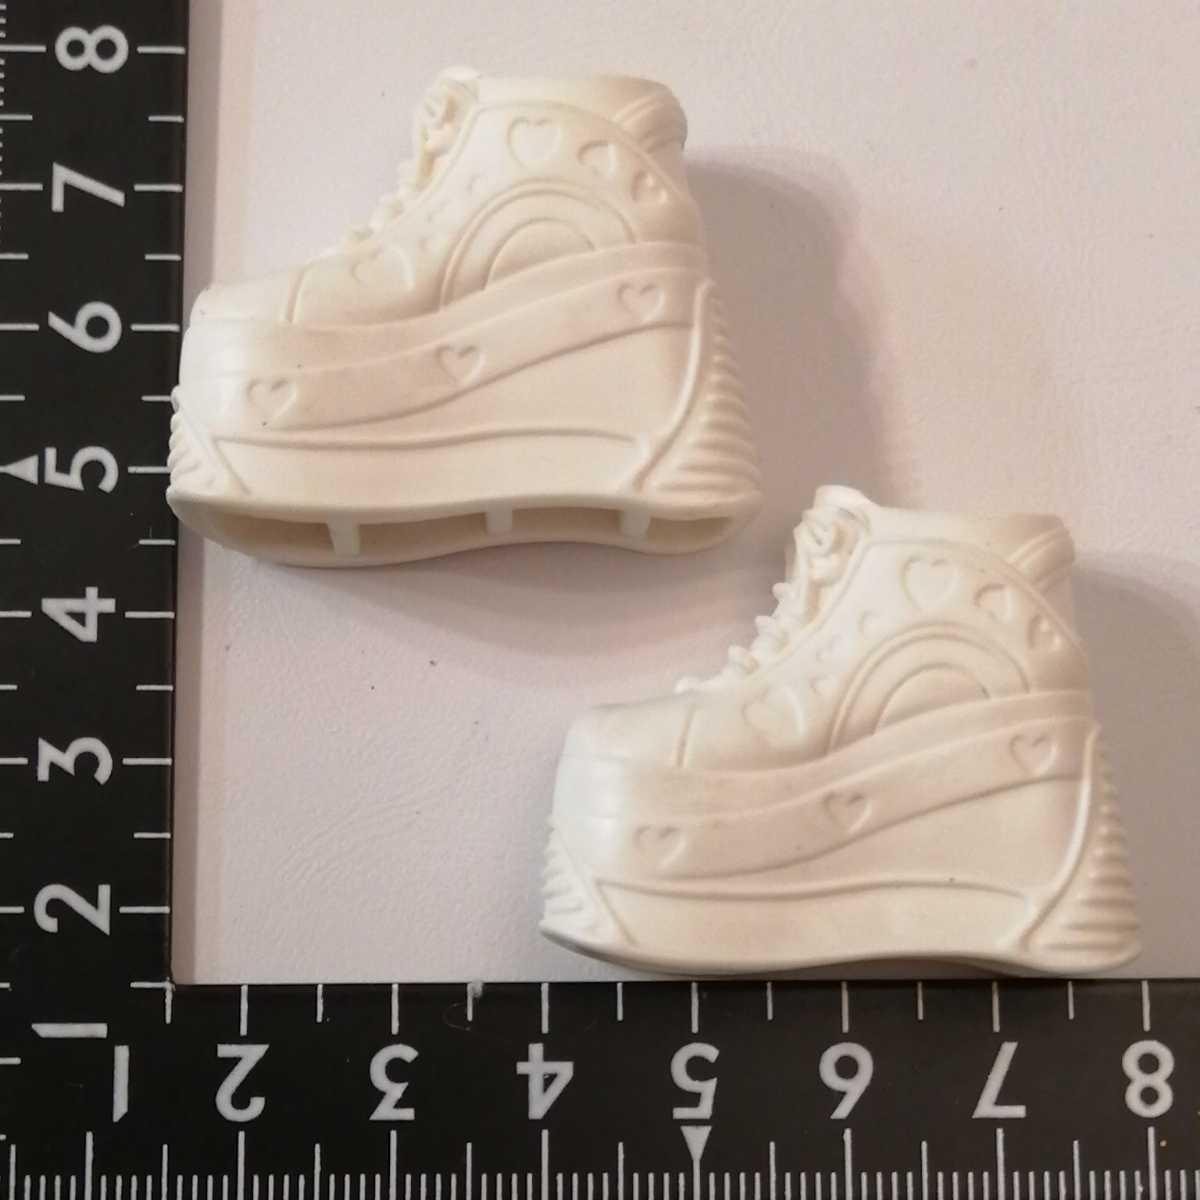 人形用 白 ホワイト ハート 厚底 ブライス リカちゃん ピュアニーモ スニーカー momokodoll着用可能 靴 シューズ 1/6ドール 靴下ok_画像1